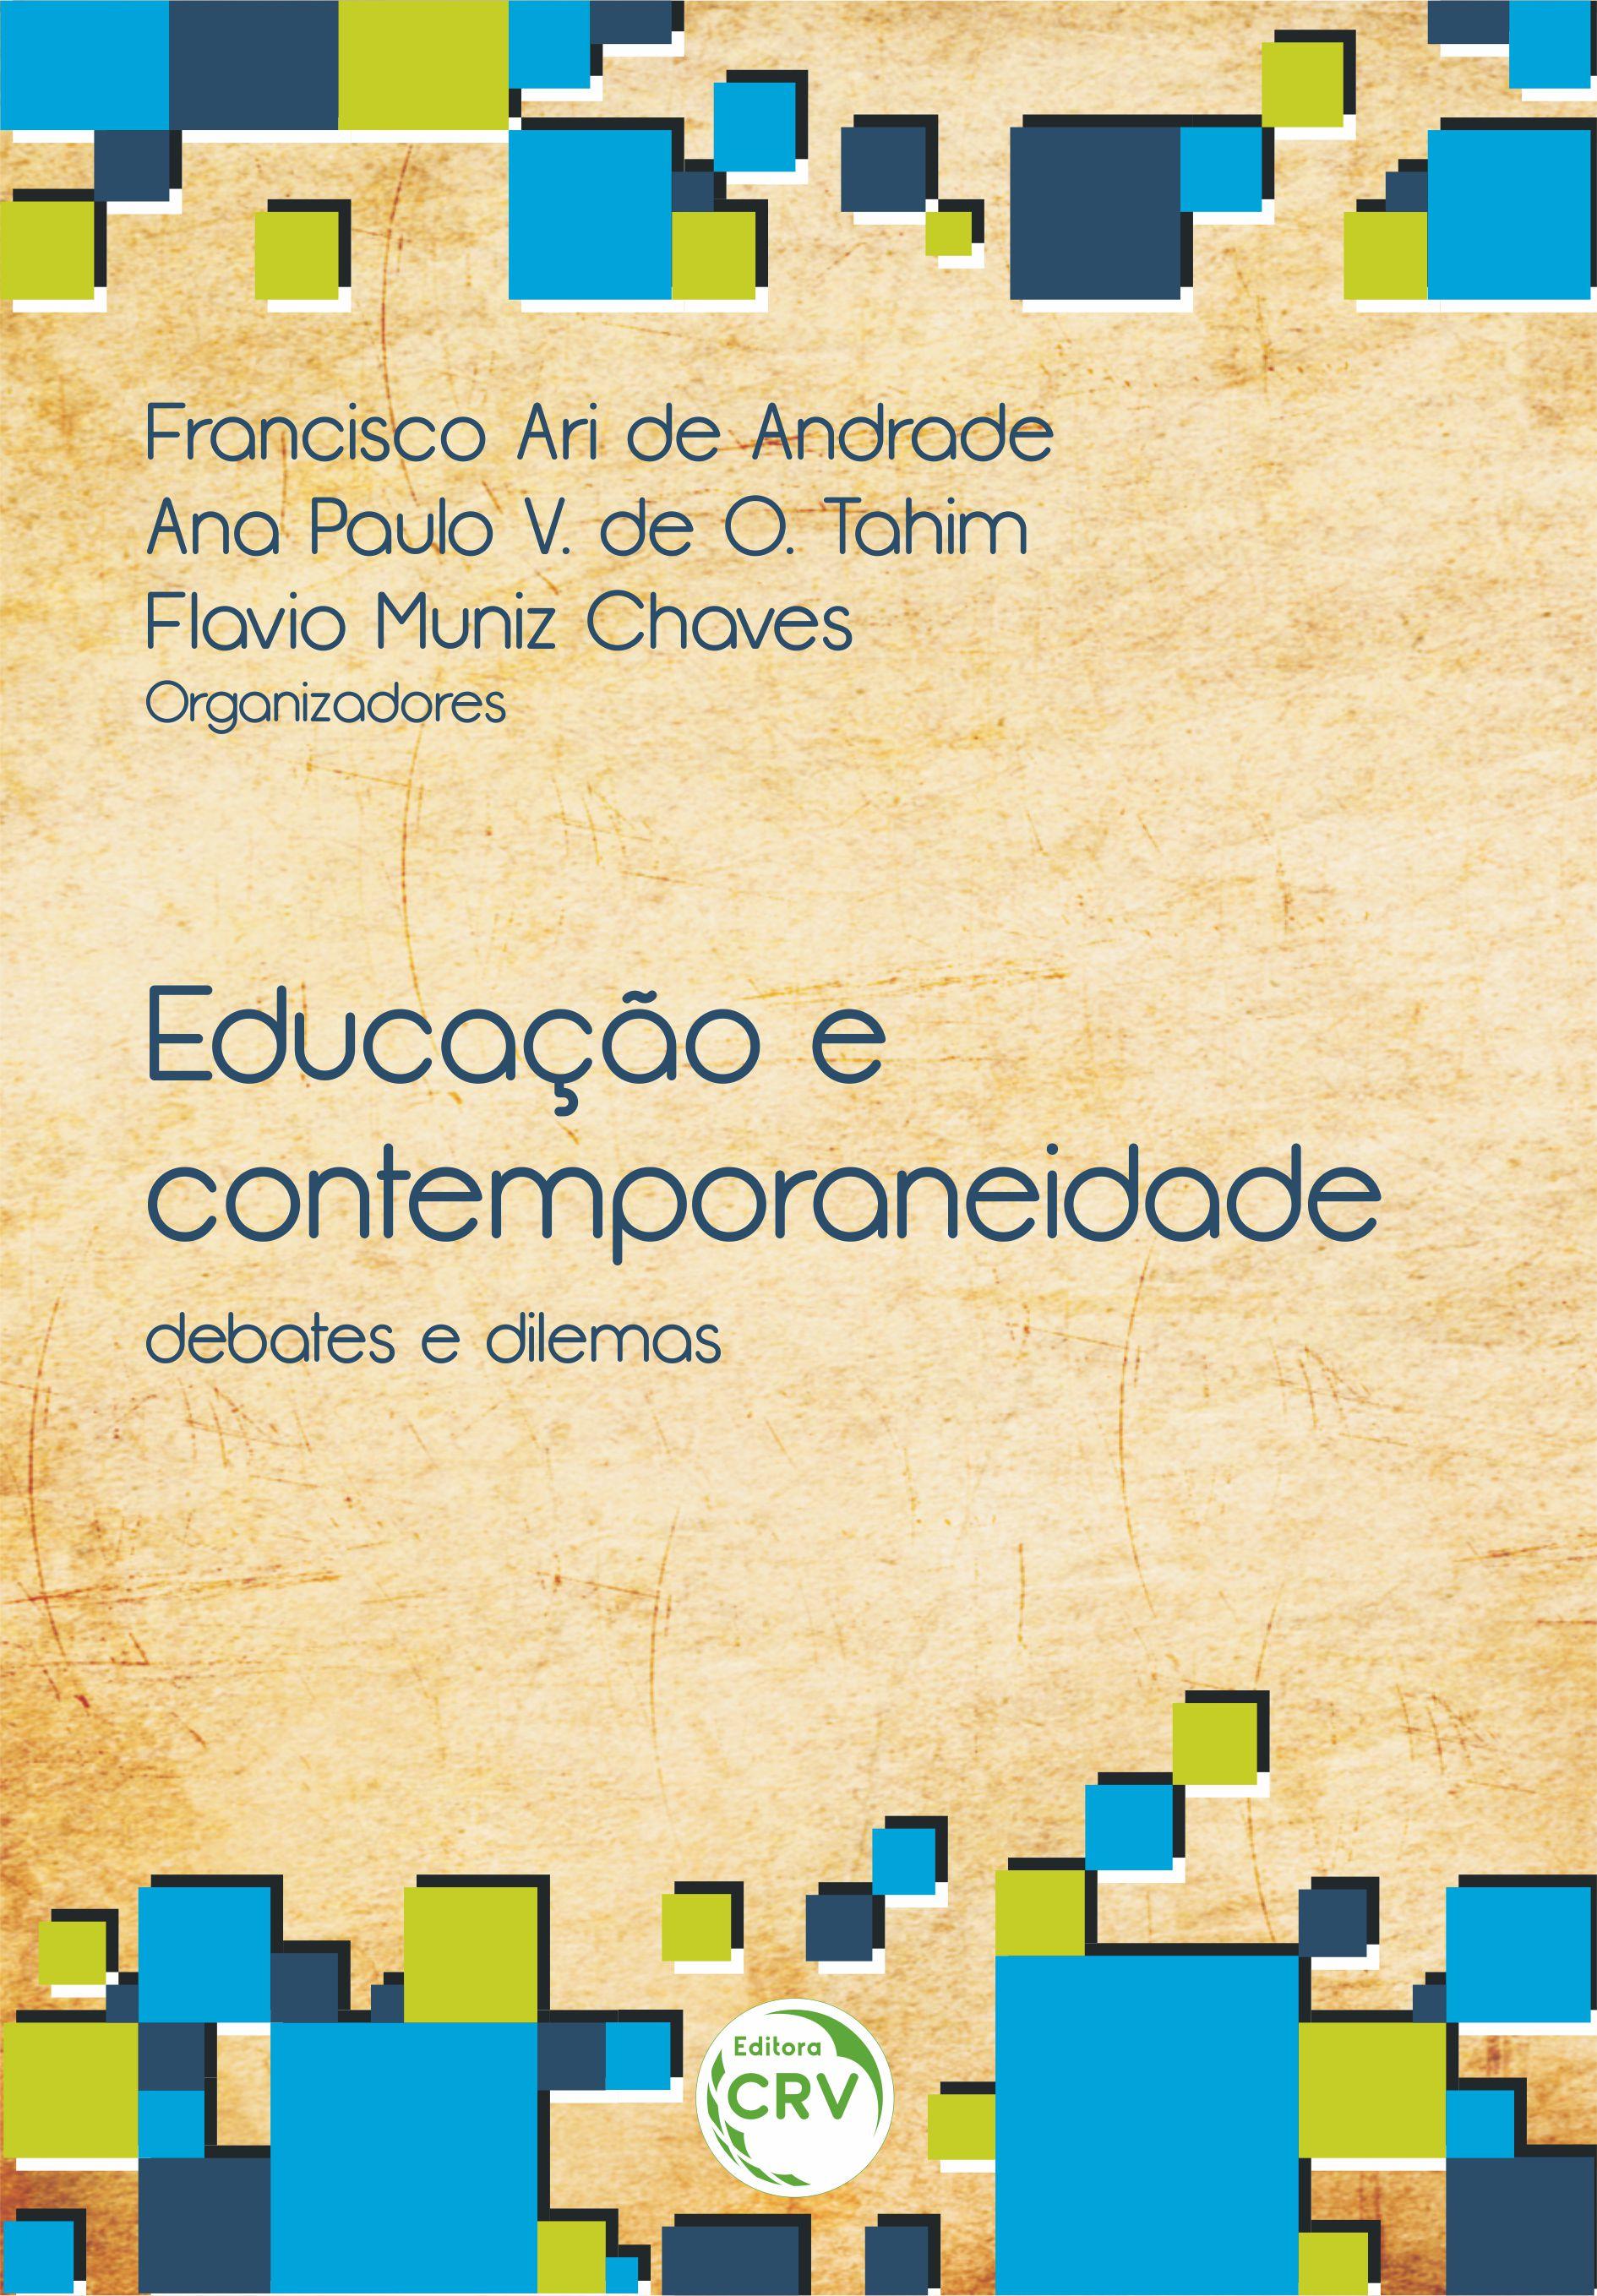 Capa do livro: EDUCAÇÃO E CONTEMPORANEIDADE:<br> debates e dilemas